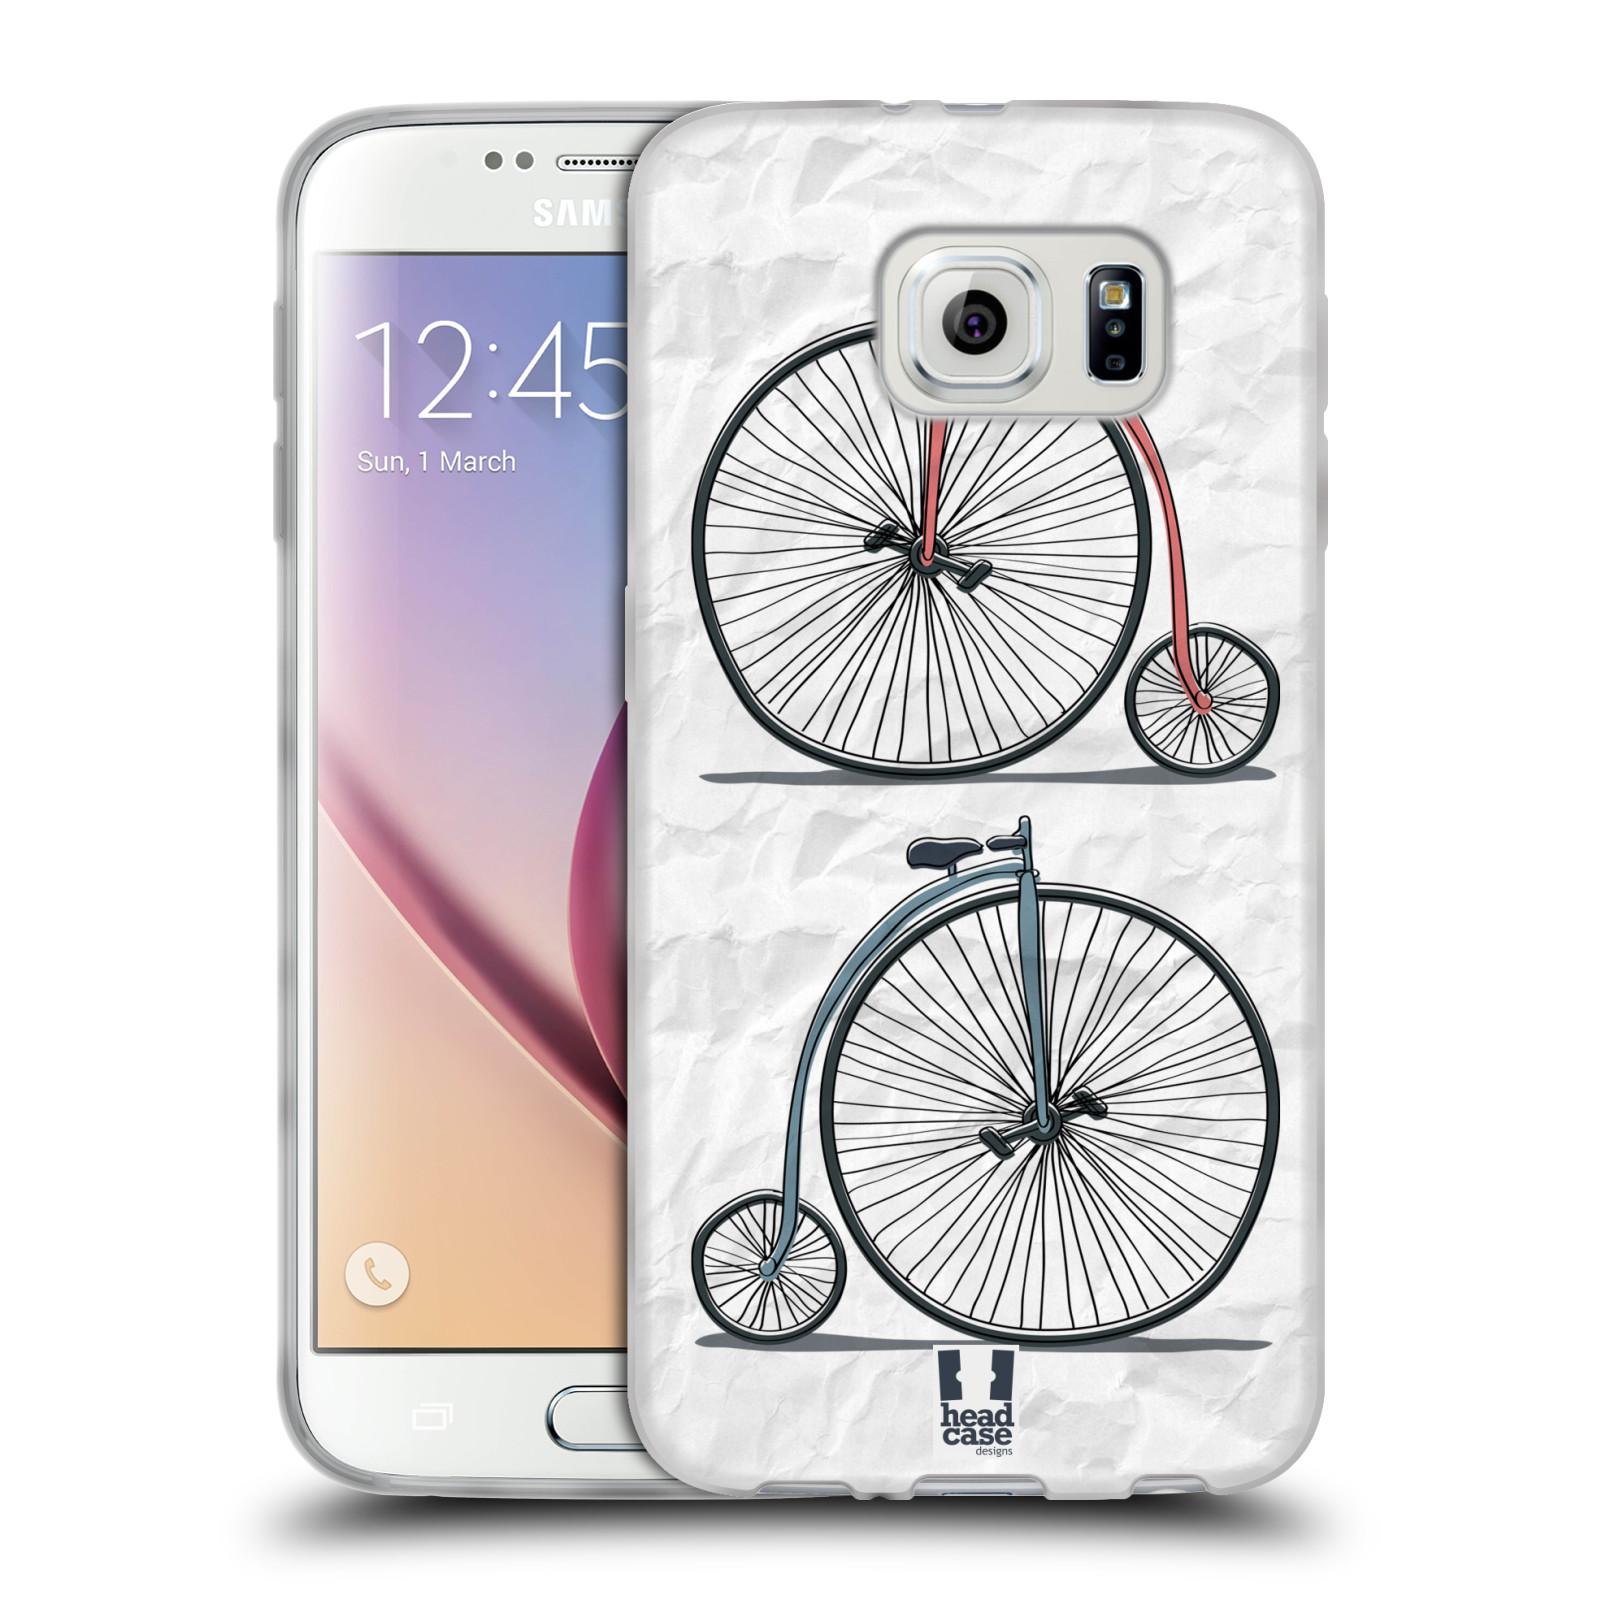 HEAD CASE silikonový obal na mobil Samsung Galaxy S6 vzor Retro kola VELKÉ KOLO